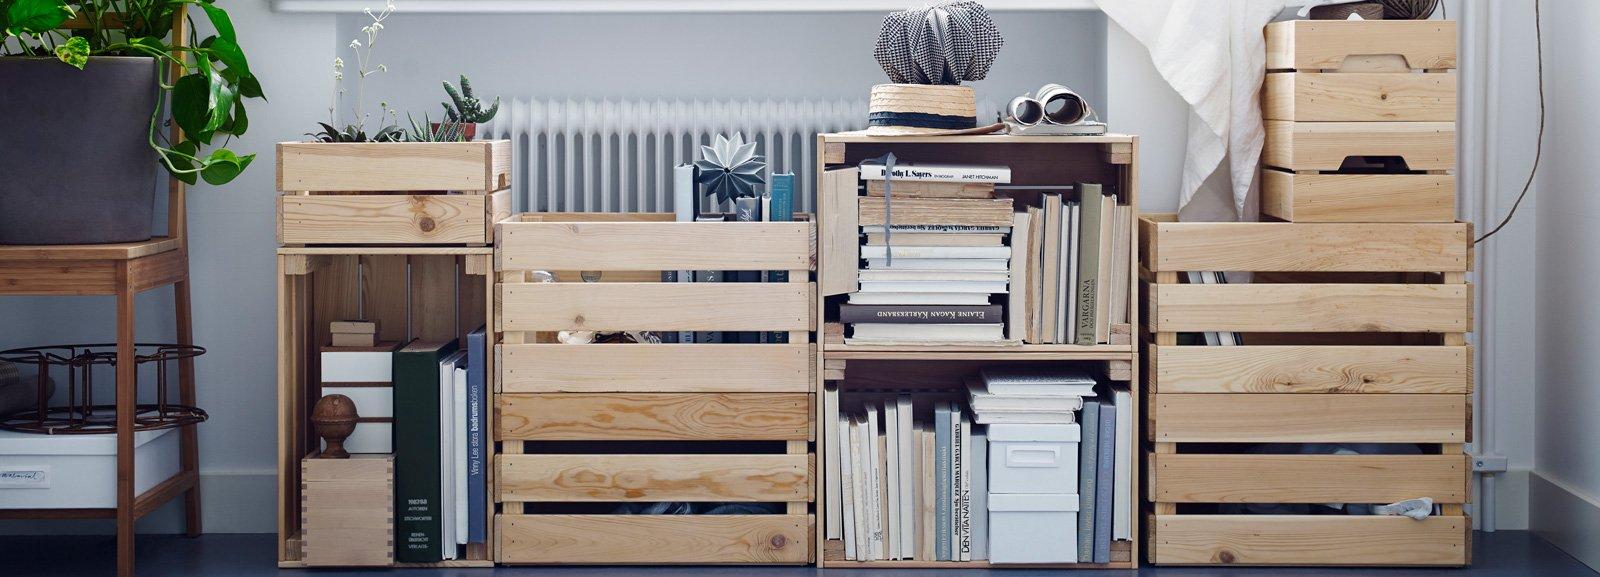 Scatole e contenitori per la casa belli e utili cose di - Cose per la casa ...